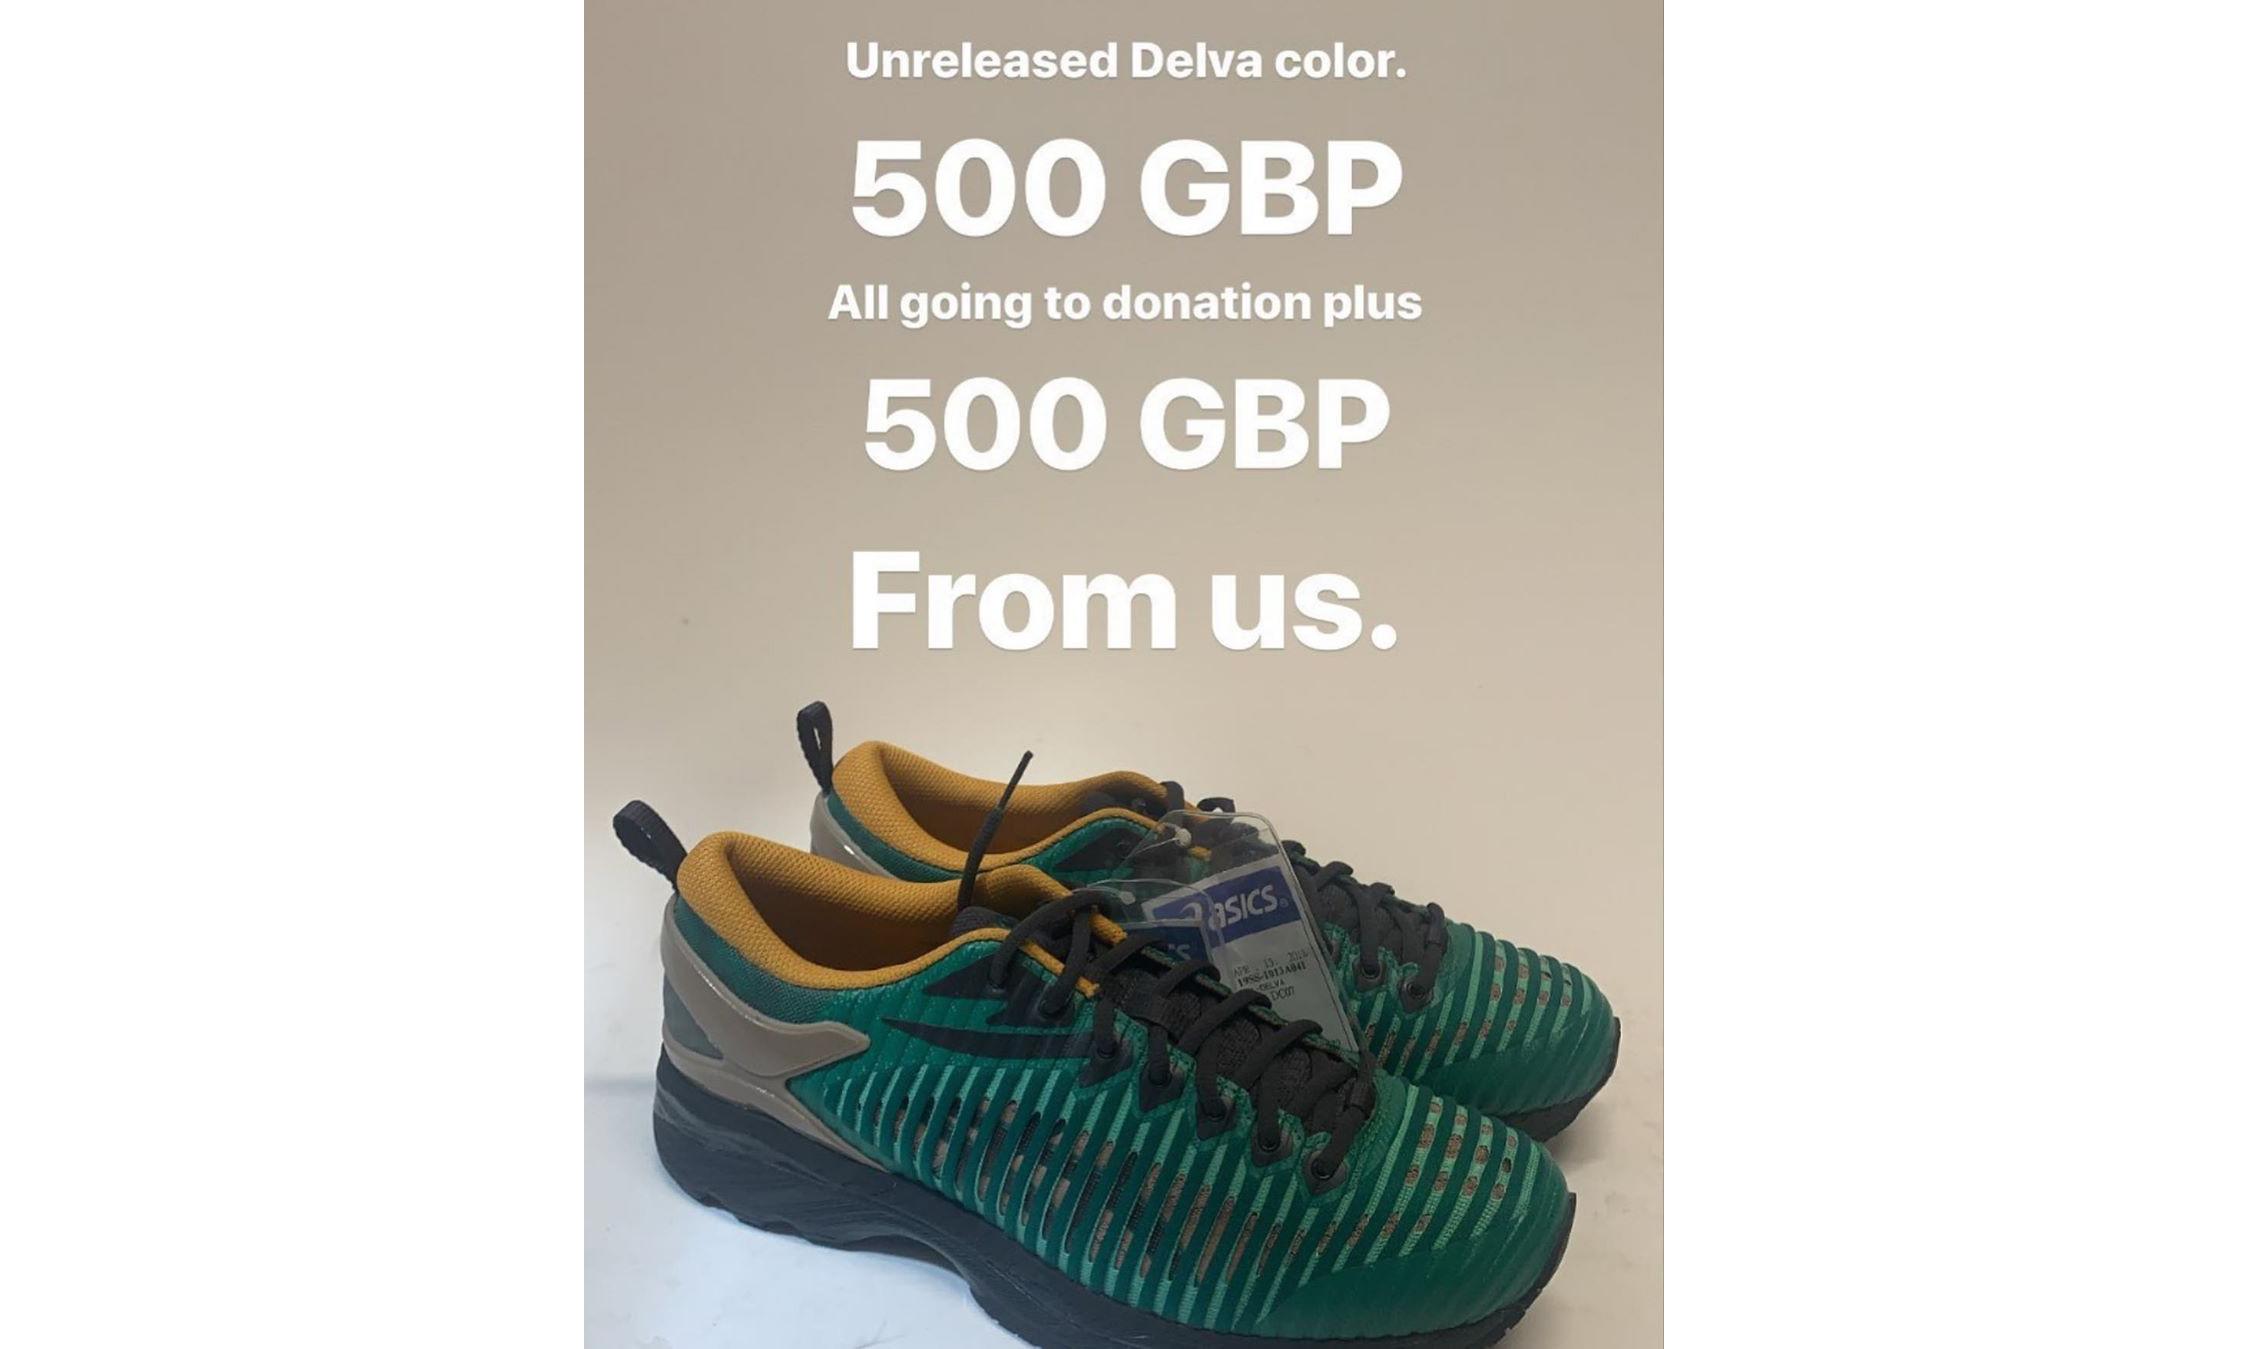 Kiko Kostadinov 出售 Sample 鞋款,并将收入捐赠